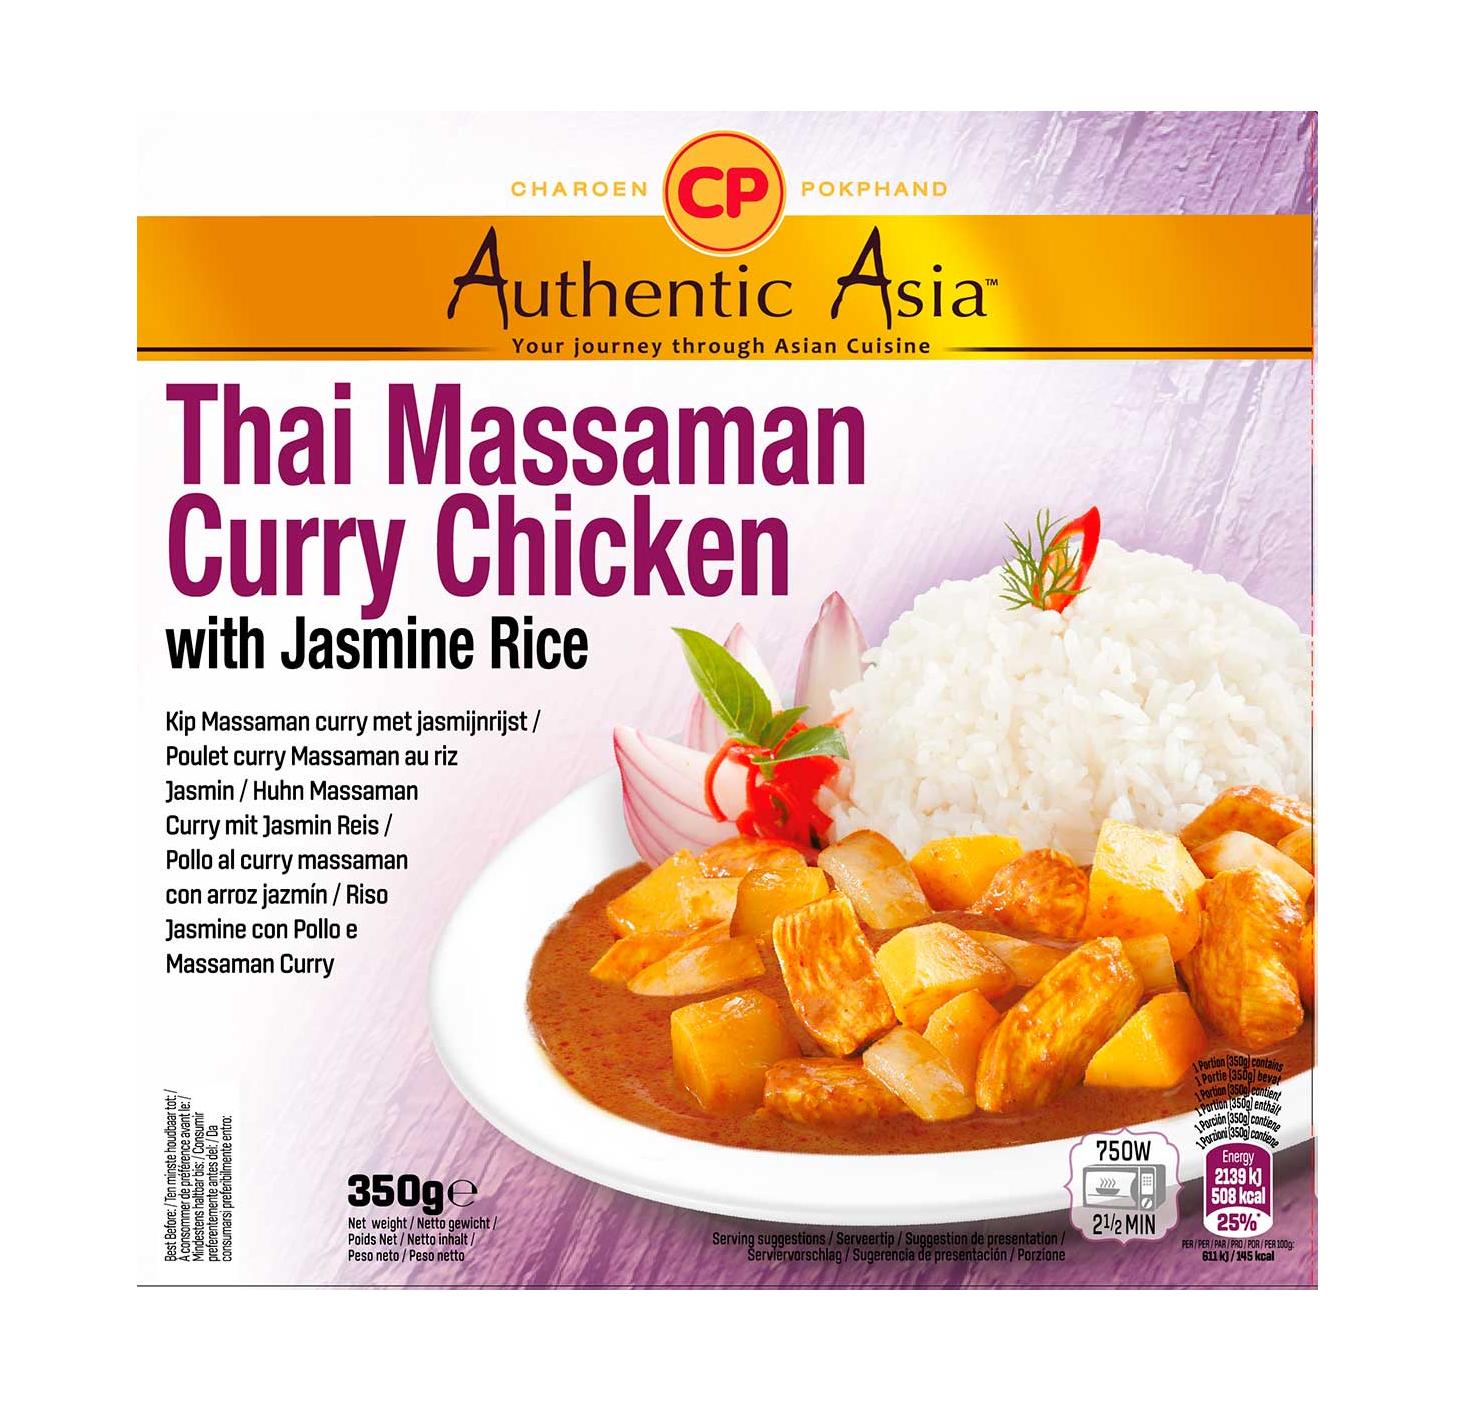 Thai massaman curry chicken with jasmine rice (泰国即吃马沙文咖哩鸡饭)